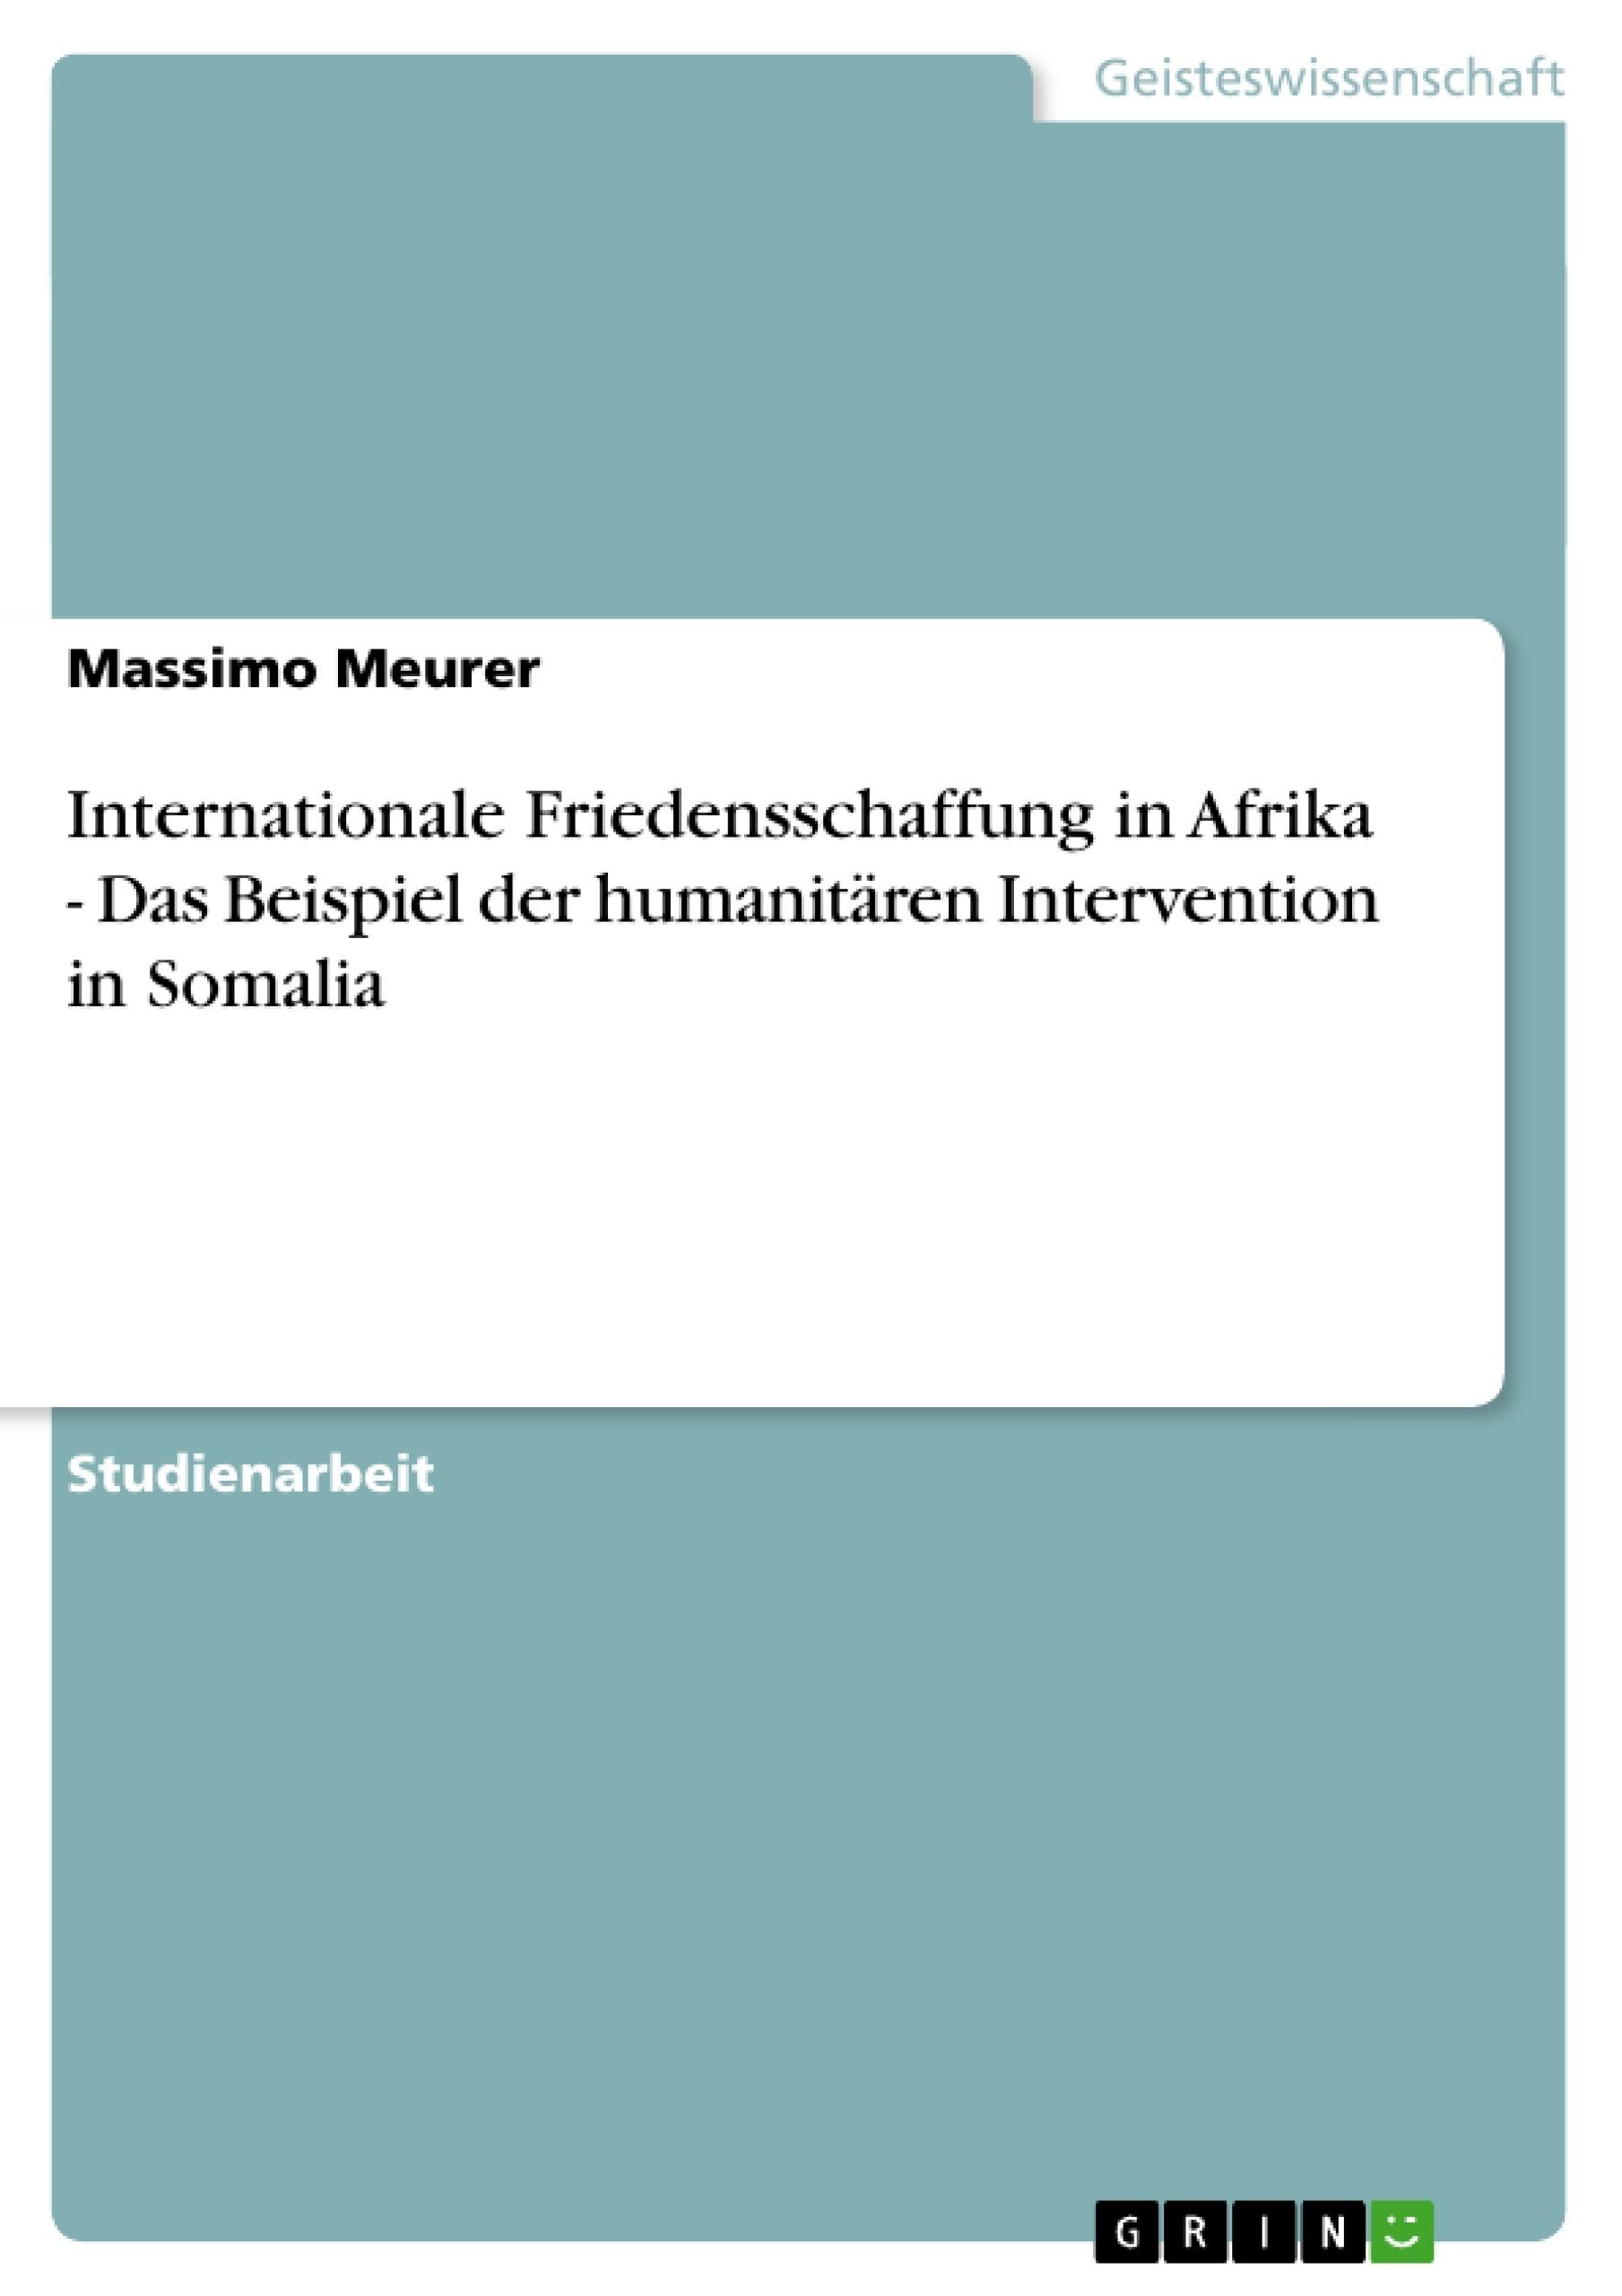 Titel: Internationale Friedensschaffung in Afrika - Das Beispiel der humanitären Intervention in Somalia